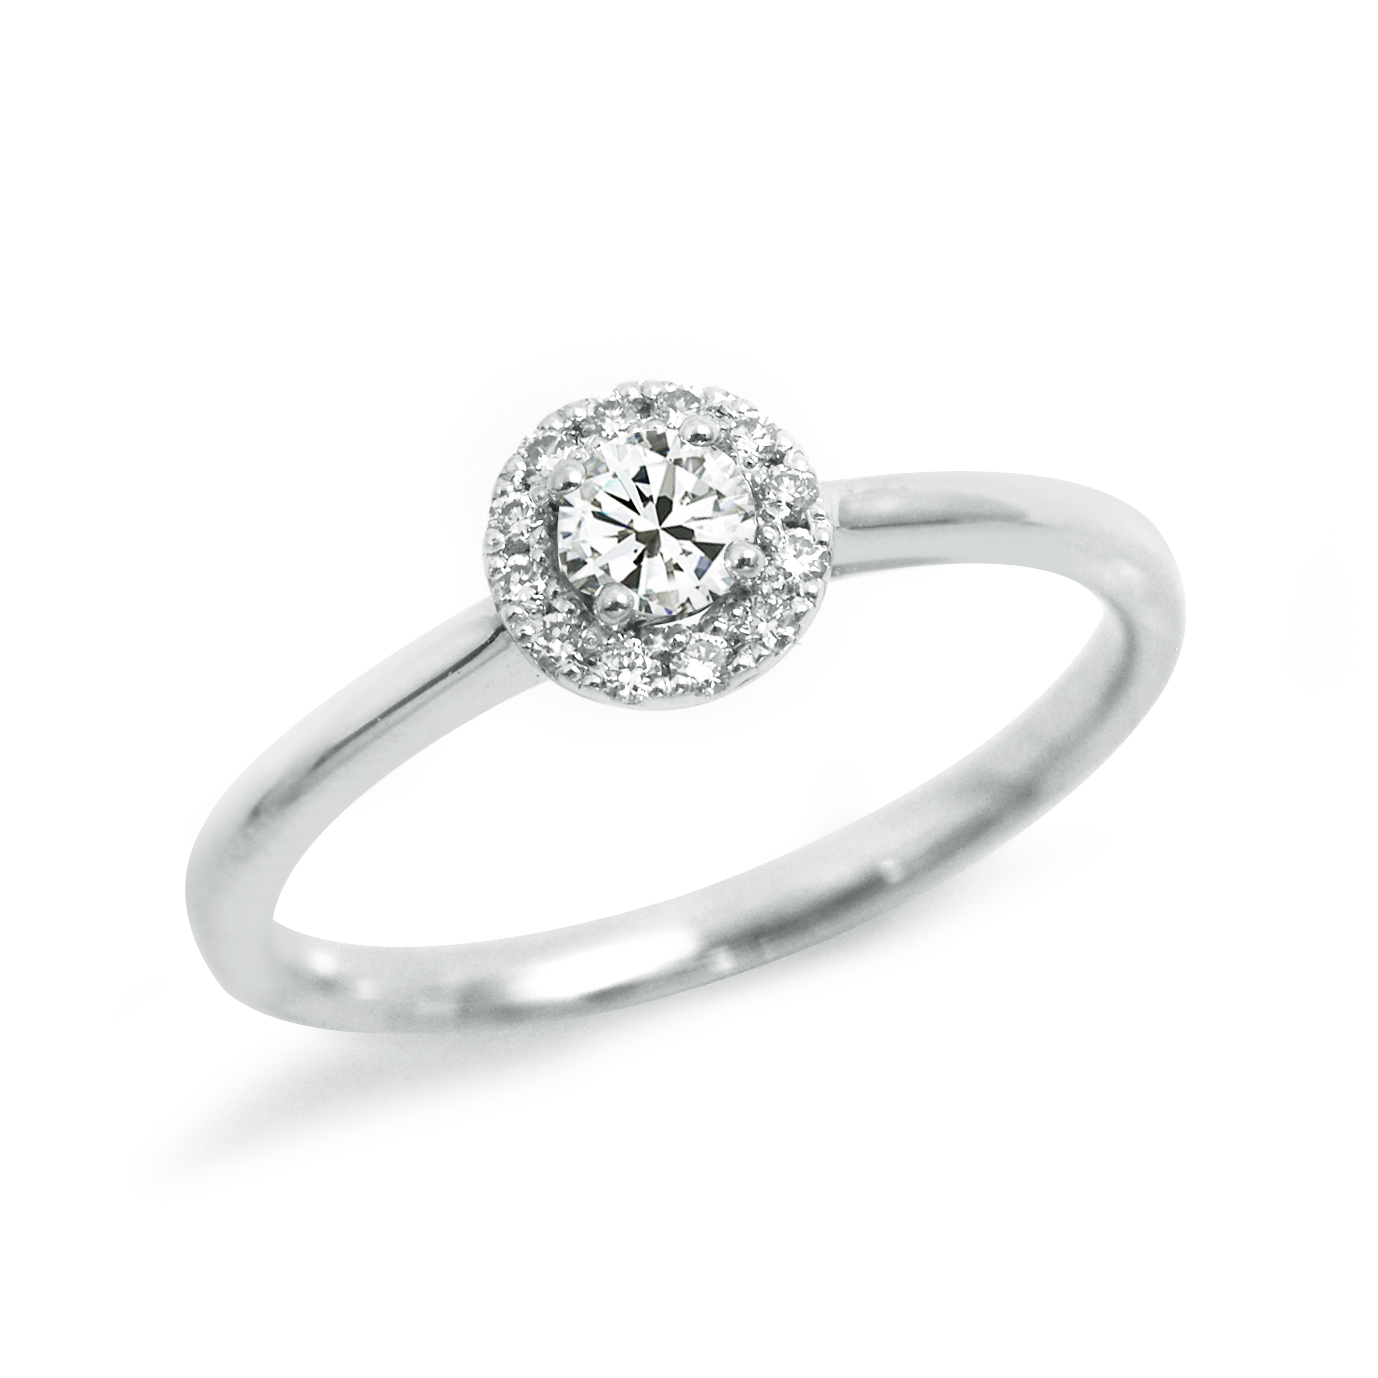 シンプル,フェミニン 婚約指輪のLP04800